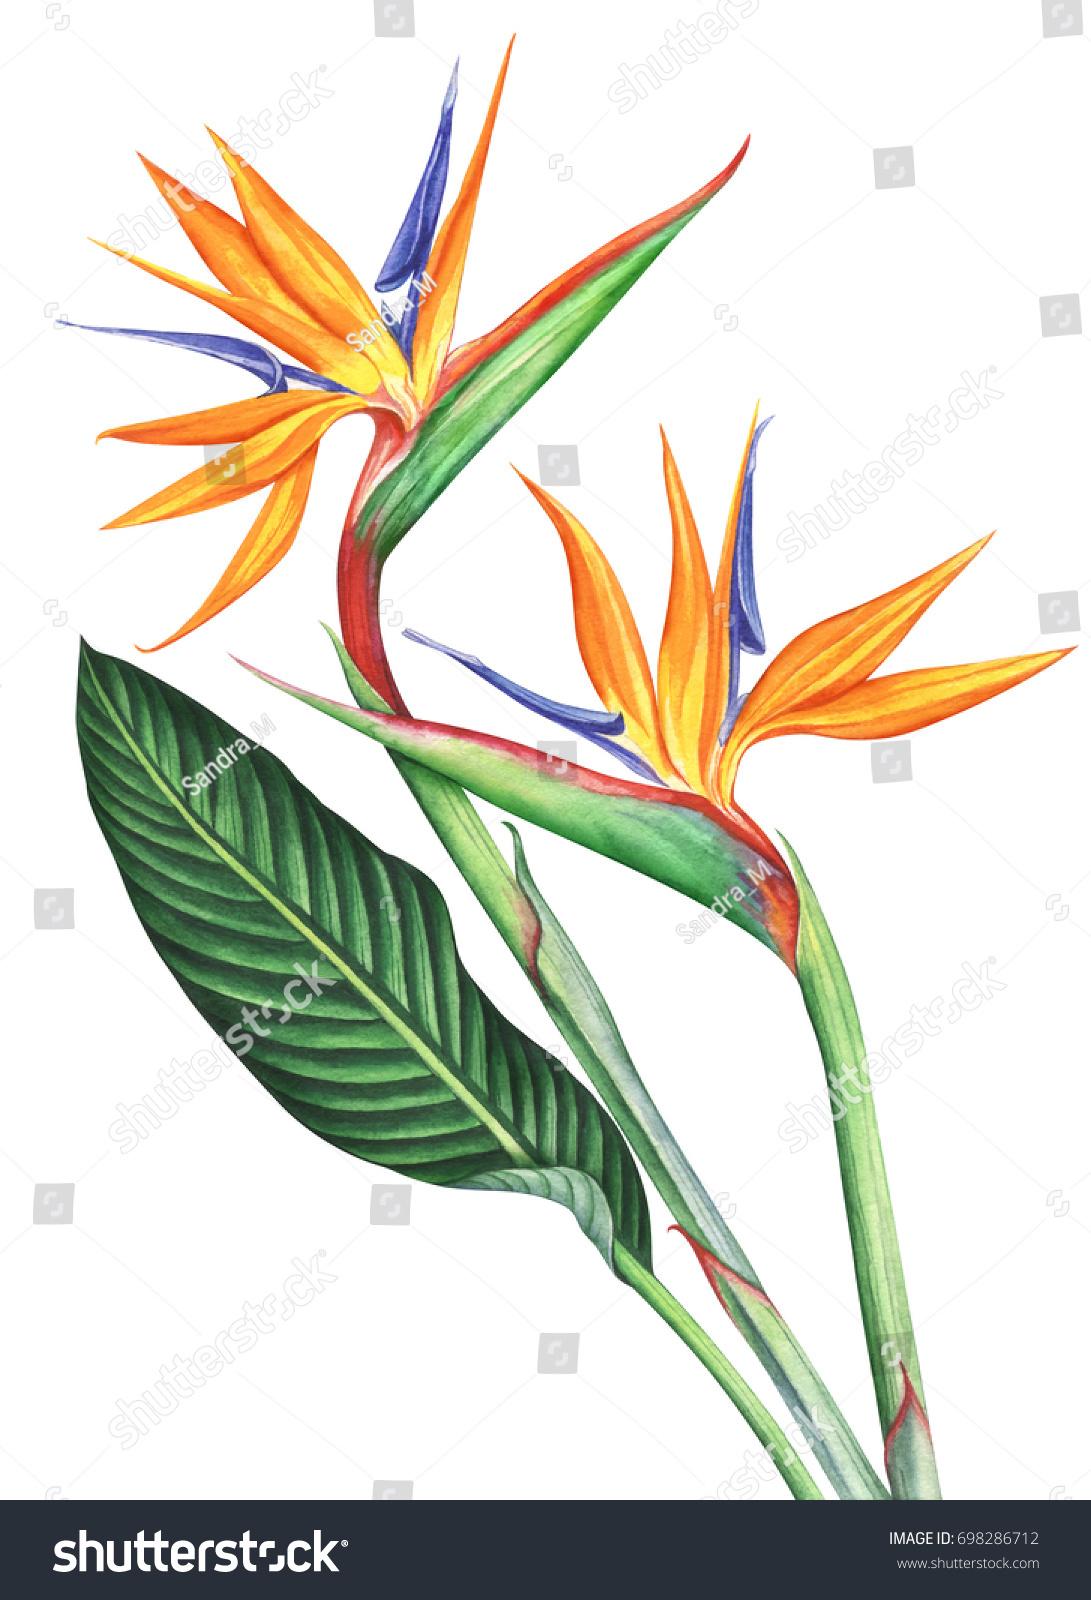 Bird paradise flowers isolated on white stock illustration bird of paradise flowers isolated on white background hand drawn watercolor illustration buycottarizona